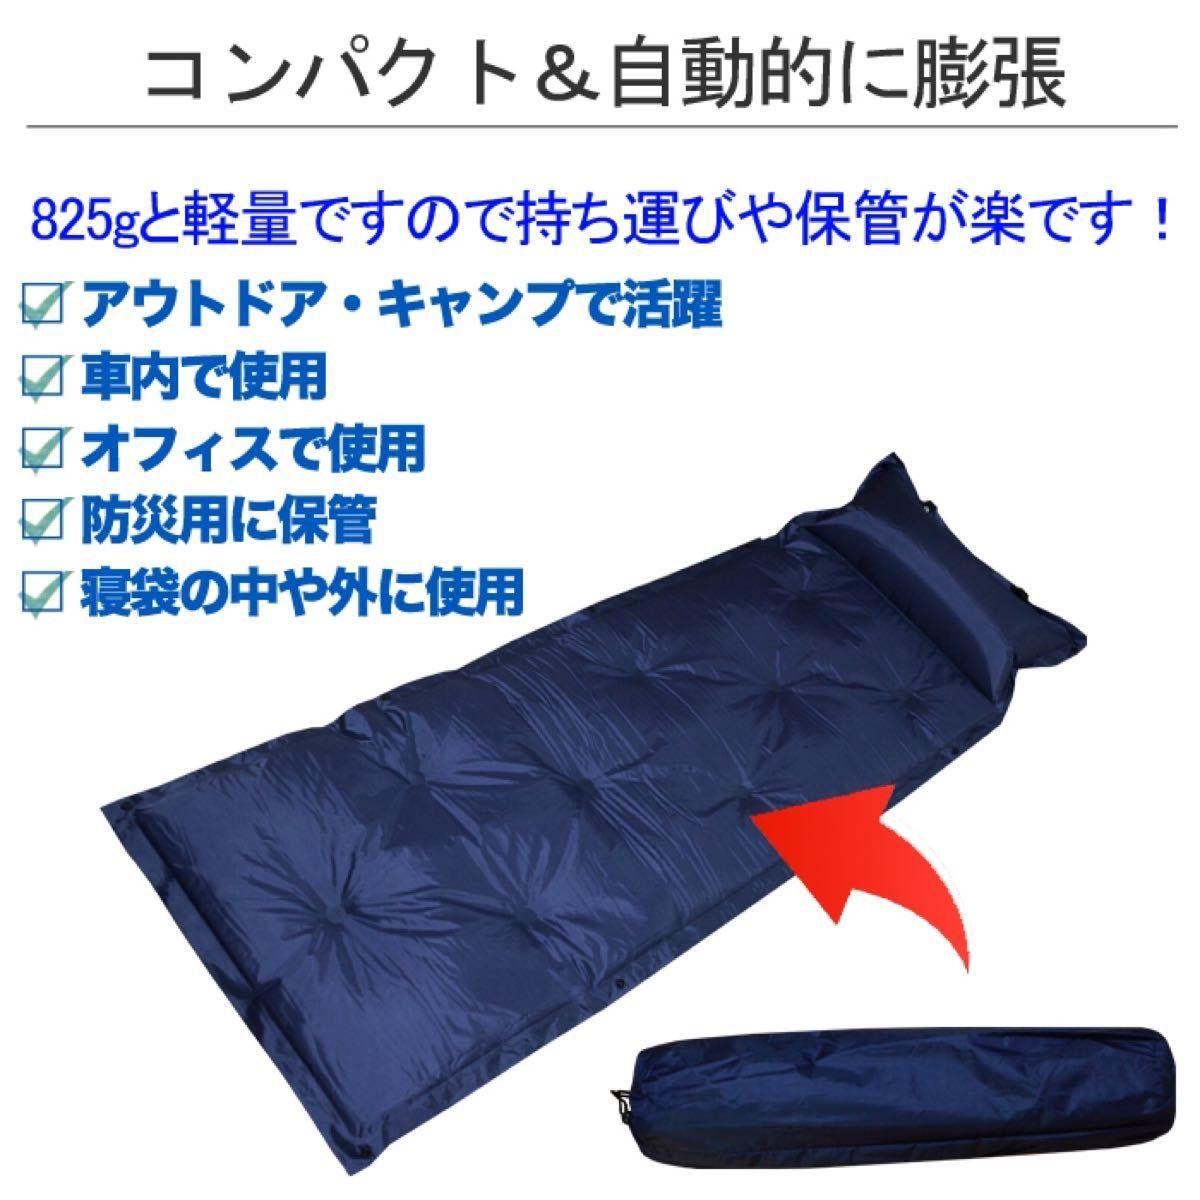 厚み3cm アウトドアマット キャンプマット 車中泊マット ミニバン エアー枕